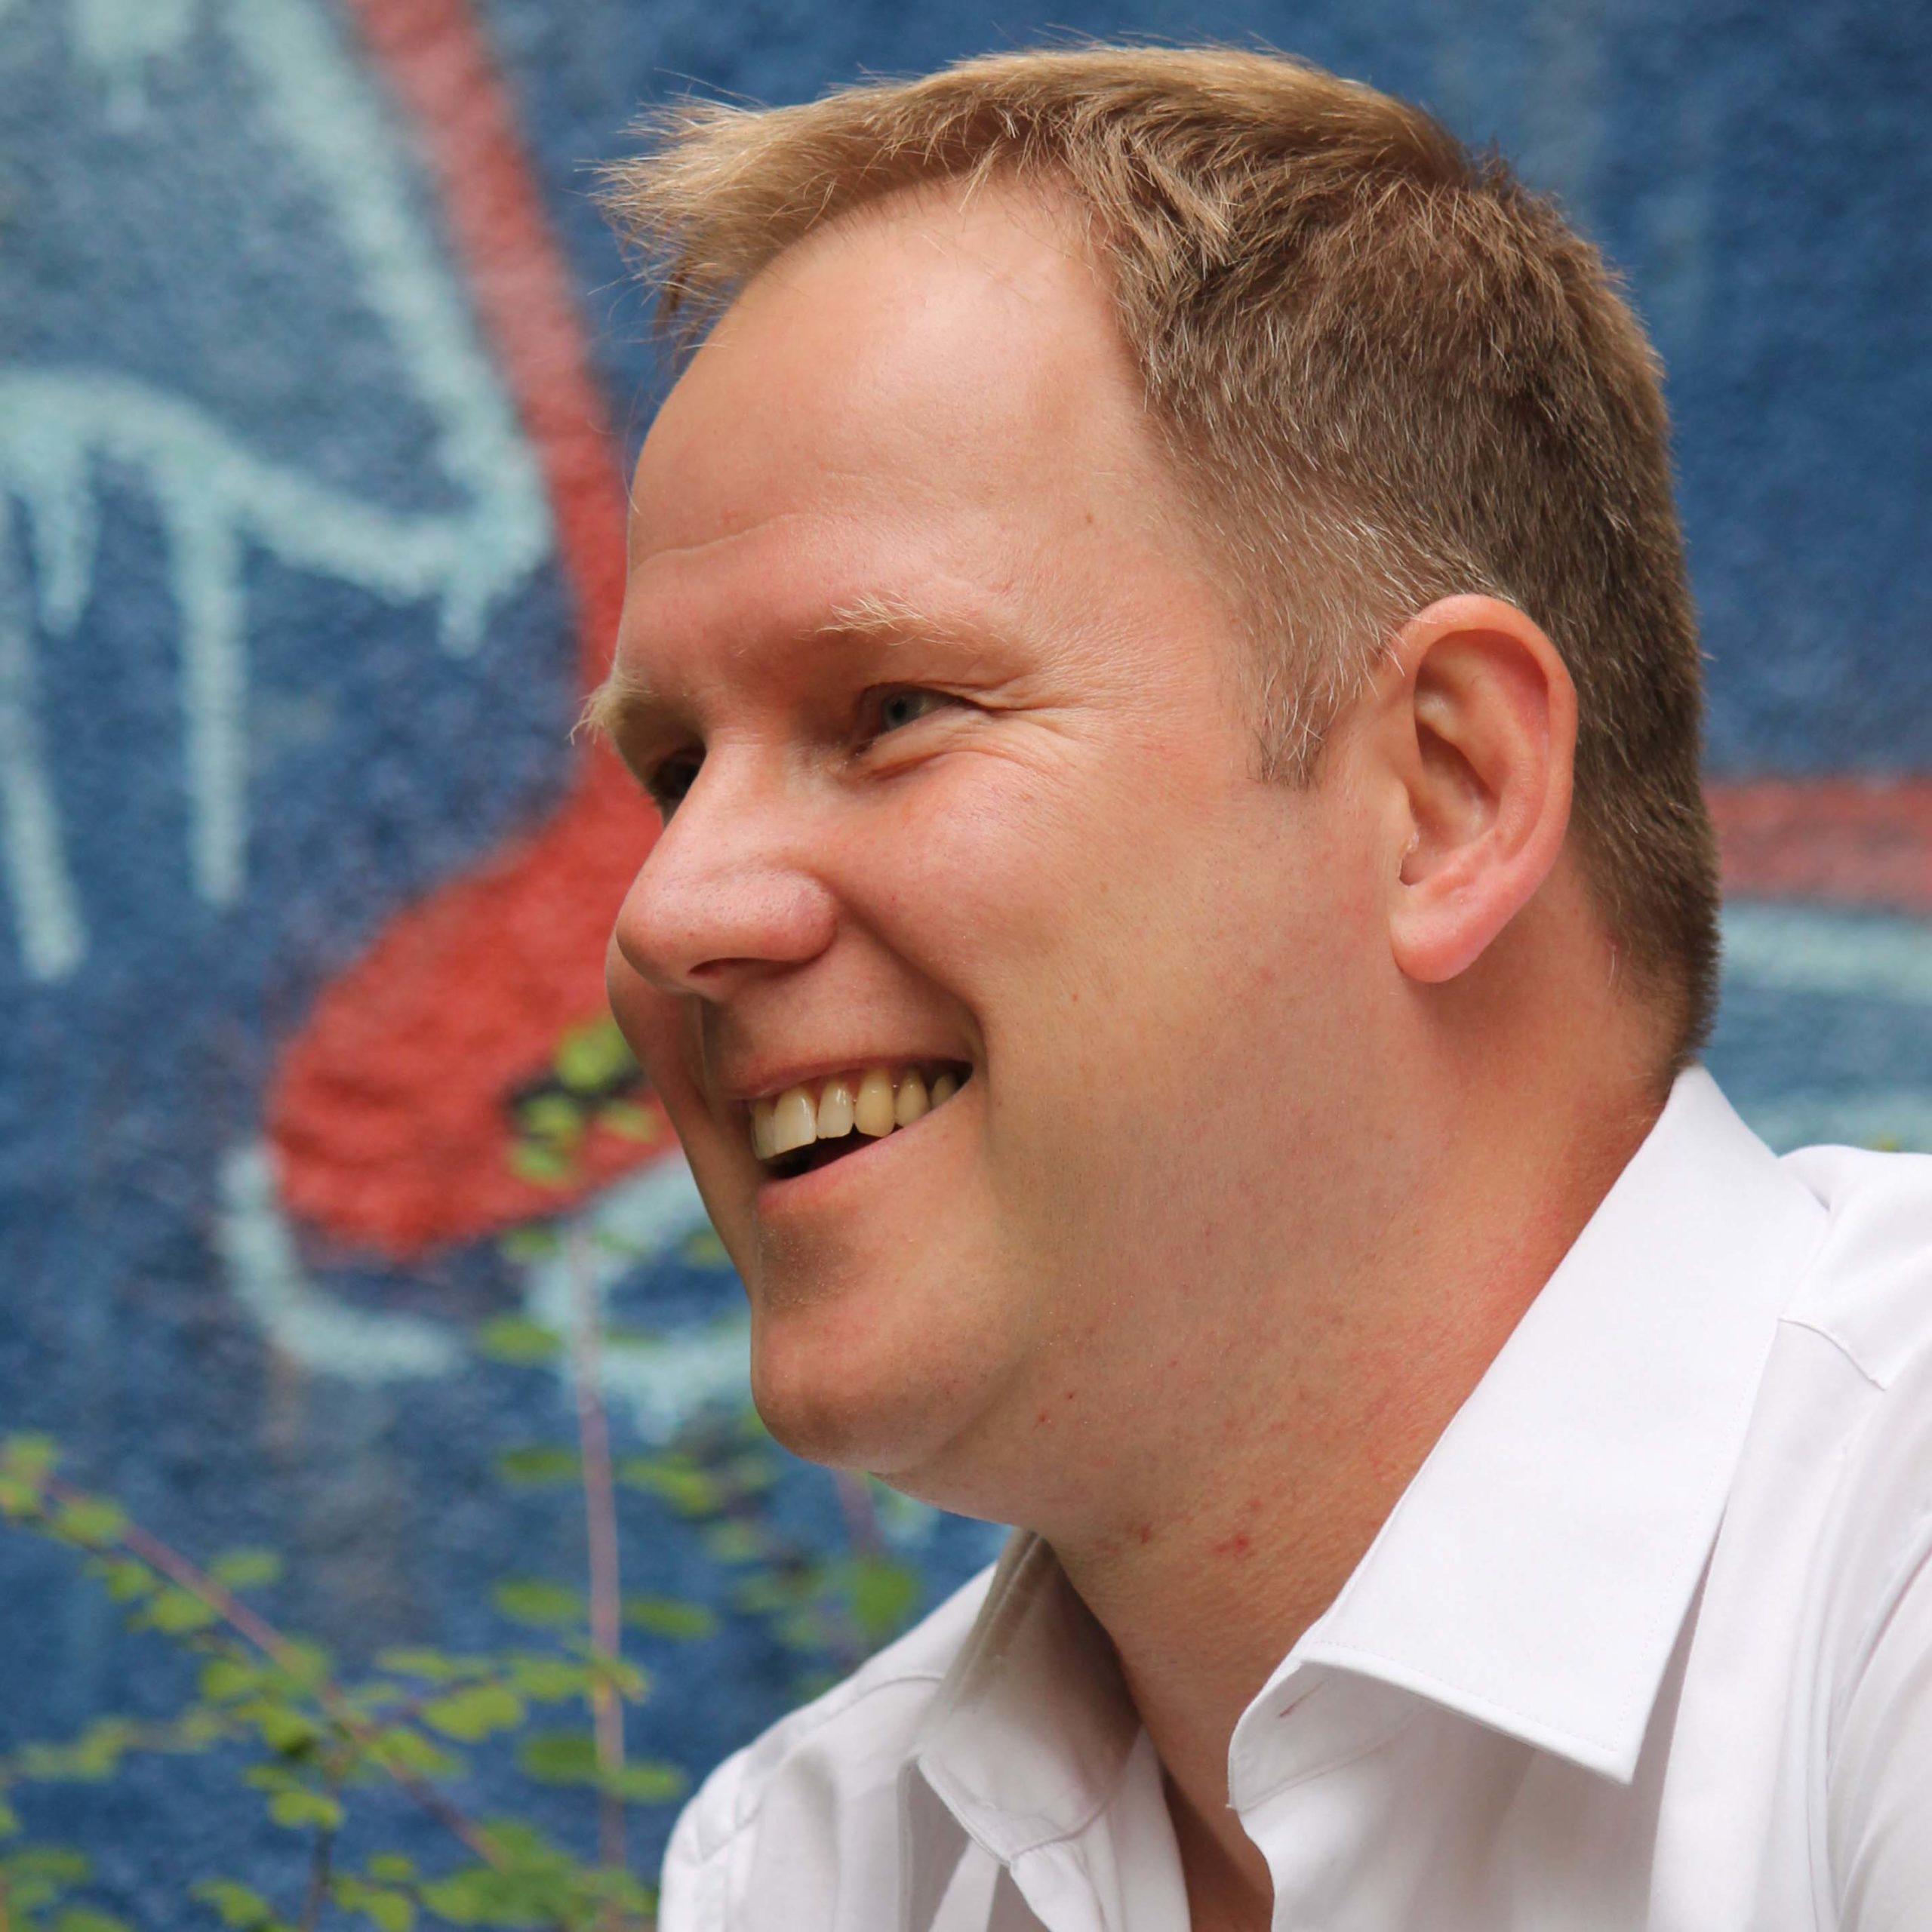 Armin Schobloch